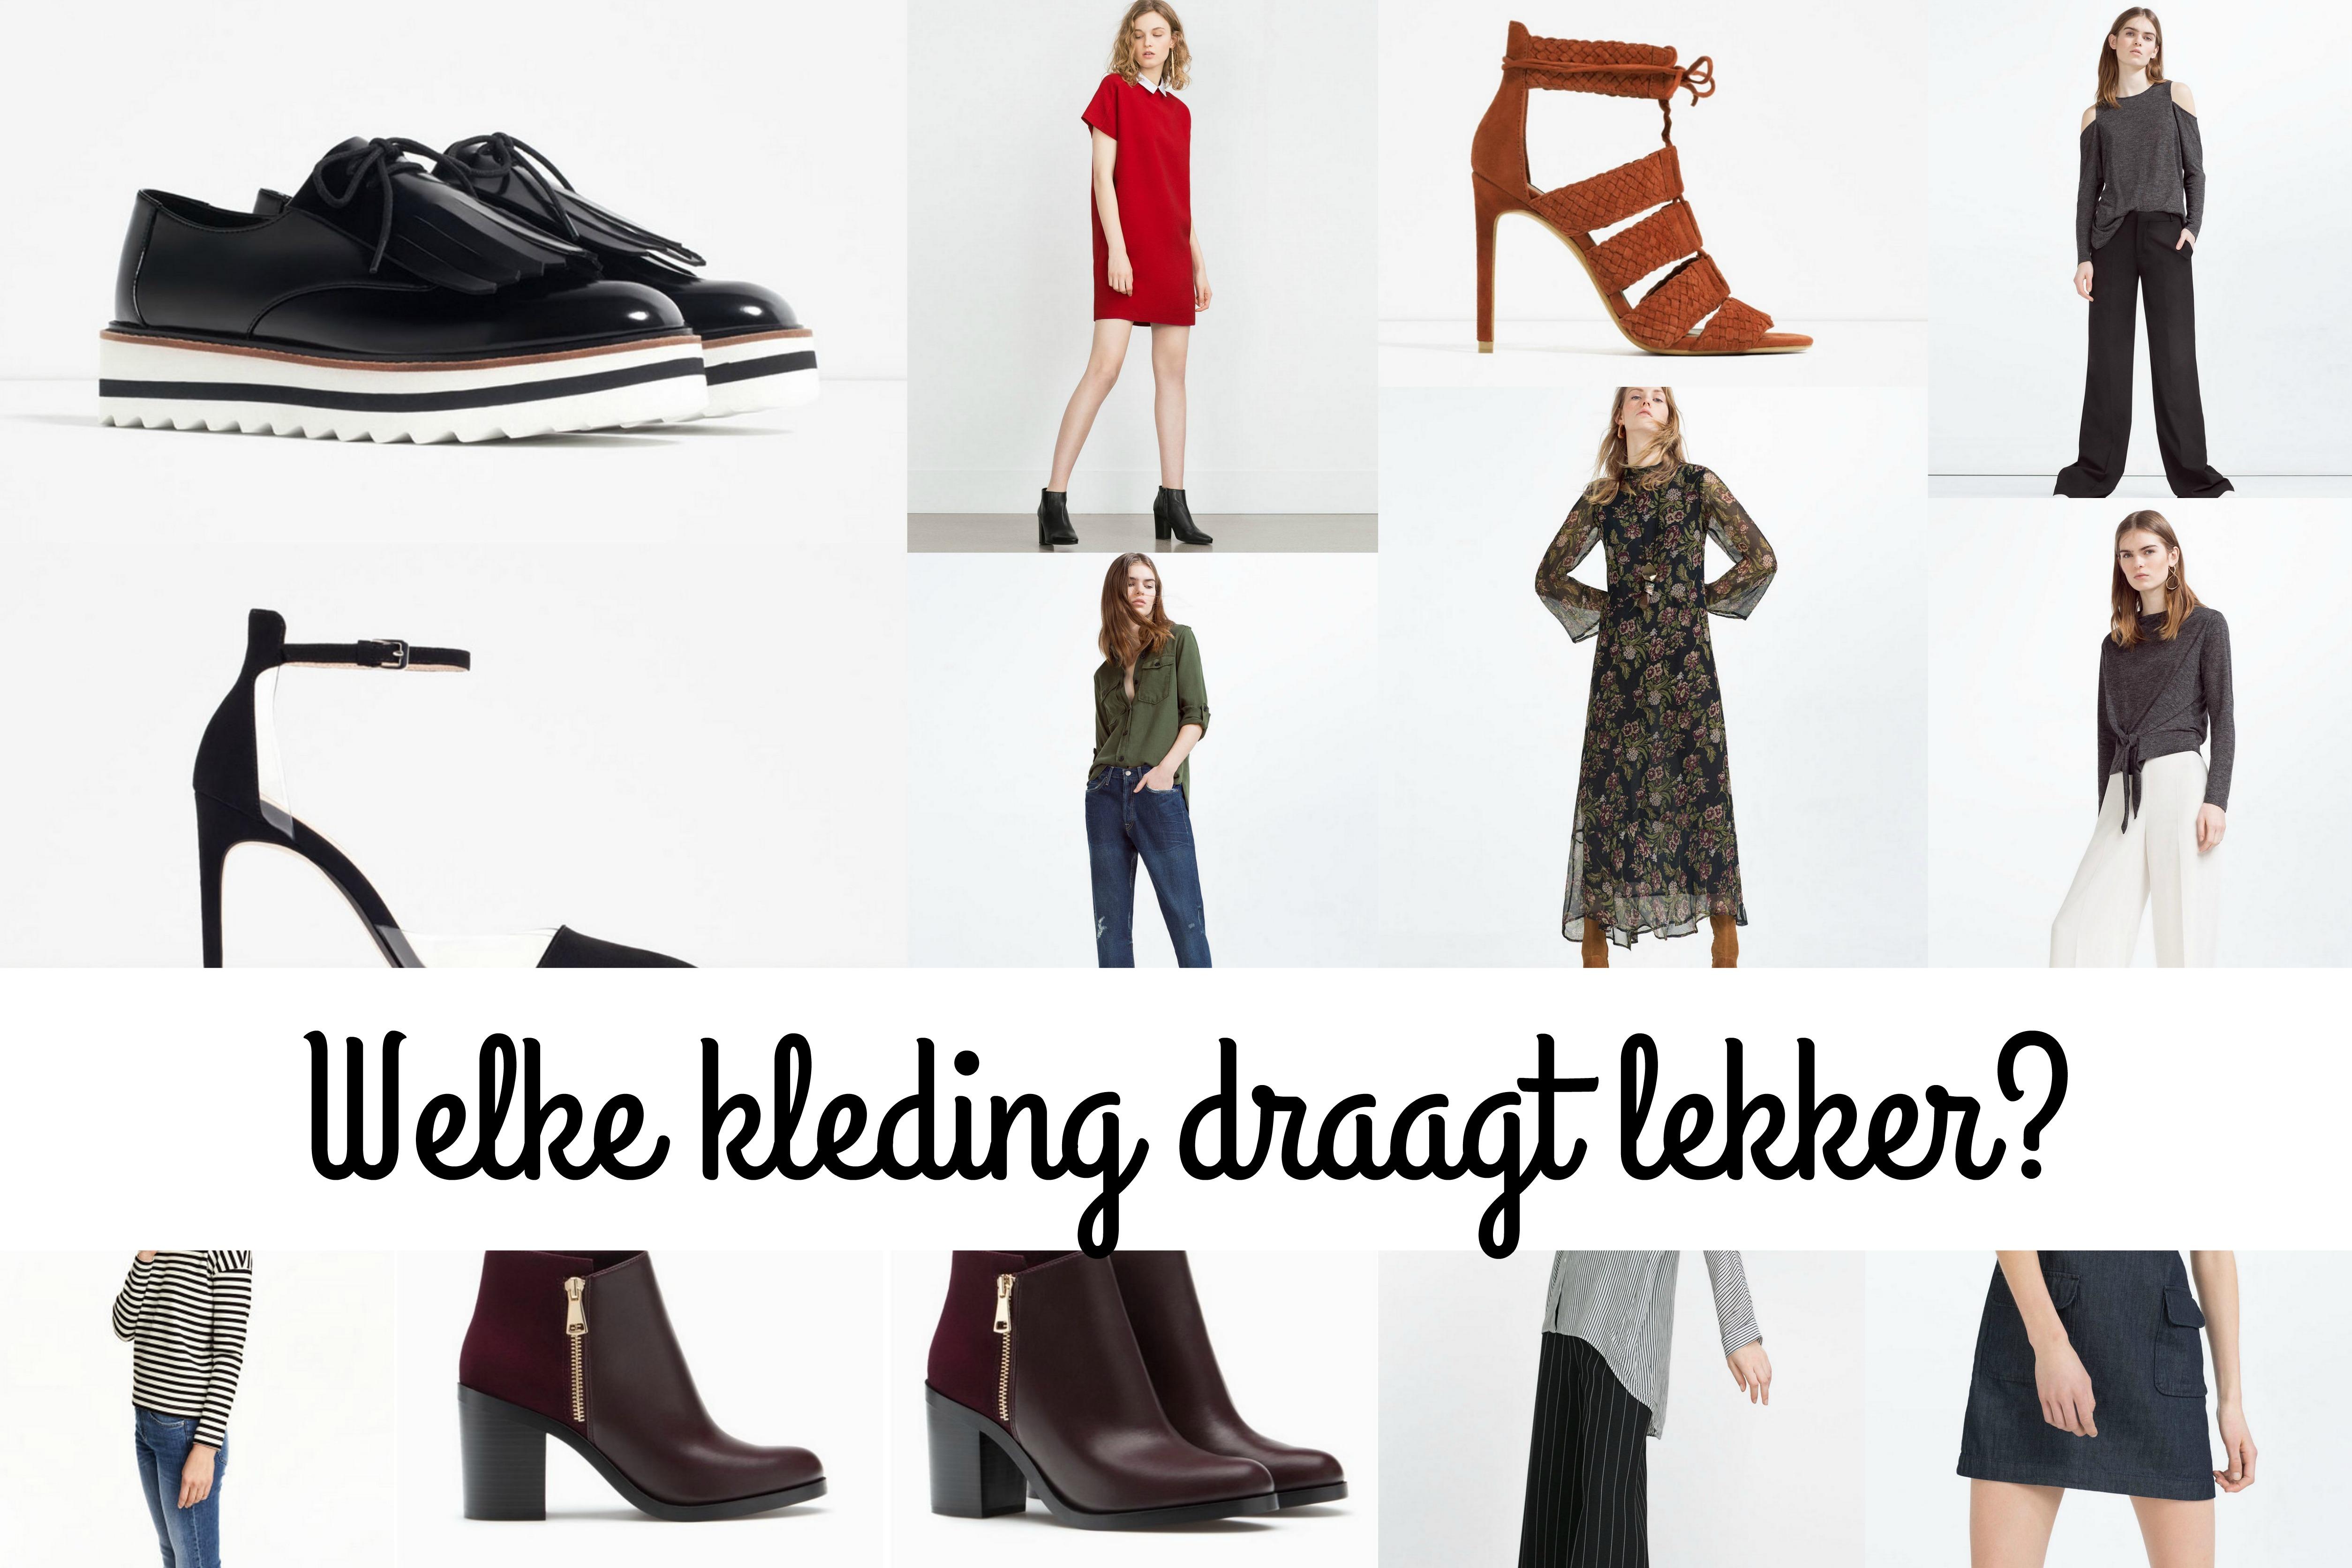 02c839c2793 Kleding die lekker en niet lekker zit - Fashionblog - Proud2bme